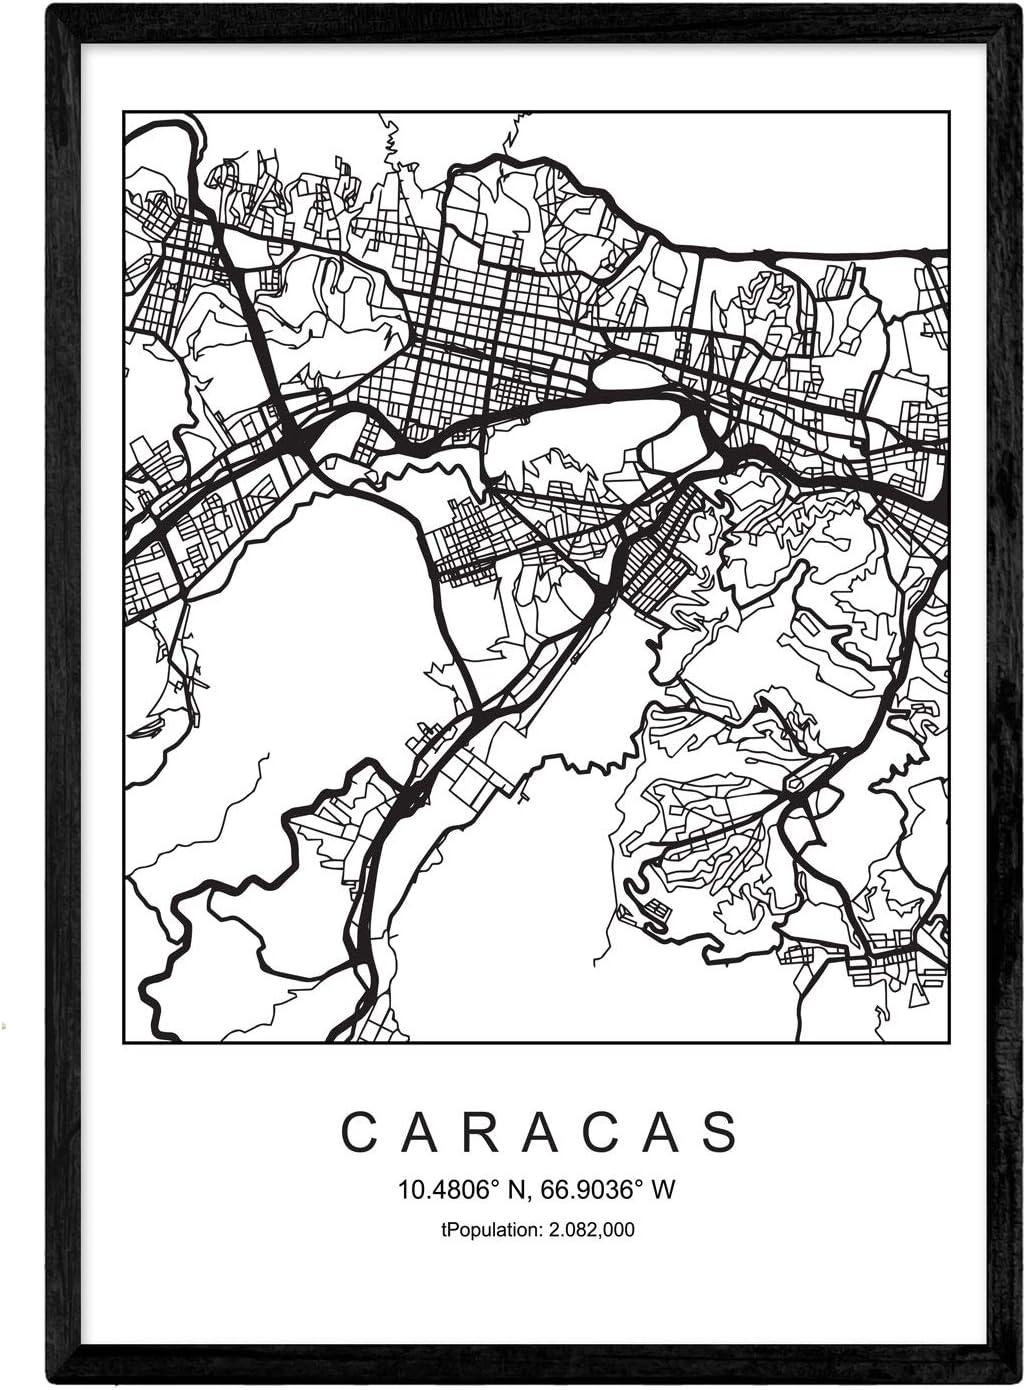 Nacnic Lámina Mapa de la Ciudad Caracas Estilo nordico en Blanco y Negro. Poster tamaño A3 Sin Marco Impreso Papel 250 gr. Cuadros, láminas y Posters para Salon y Dormitorio